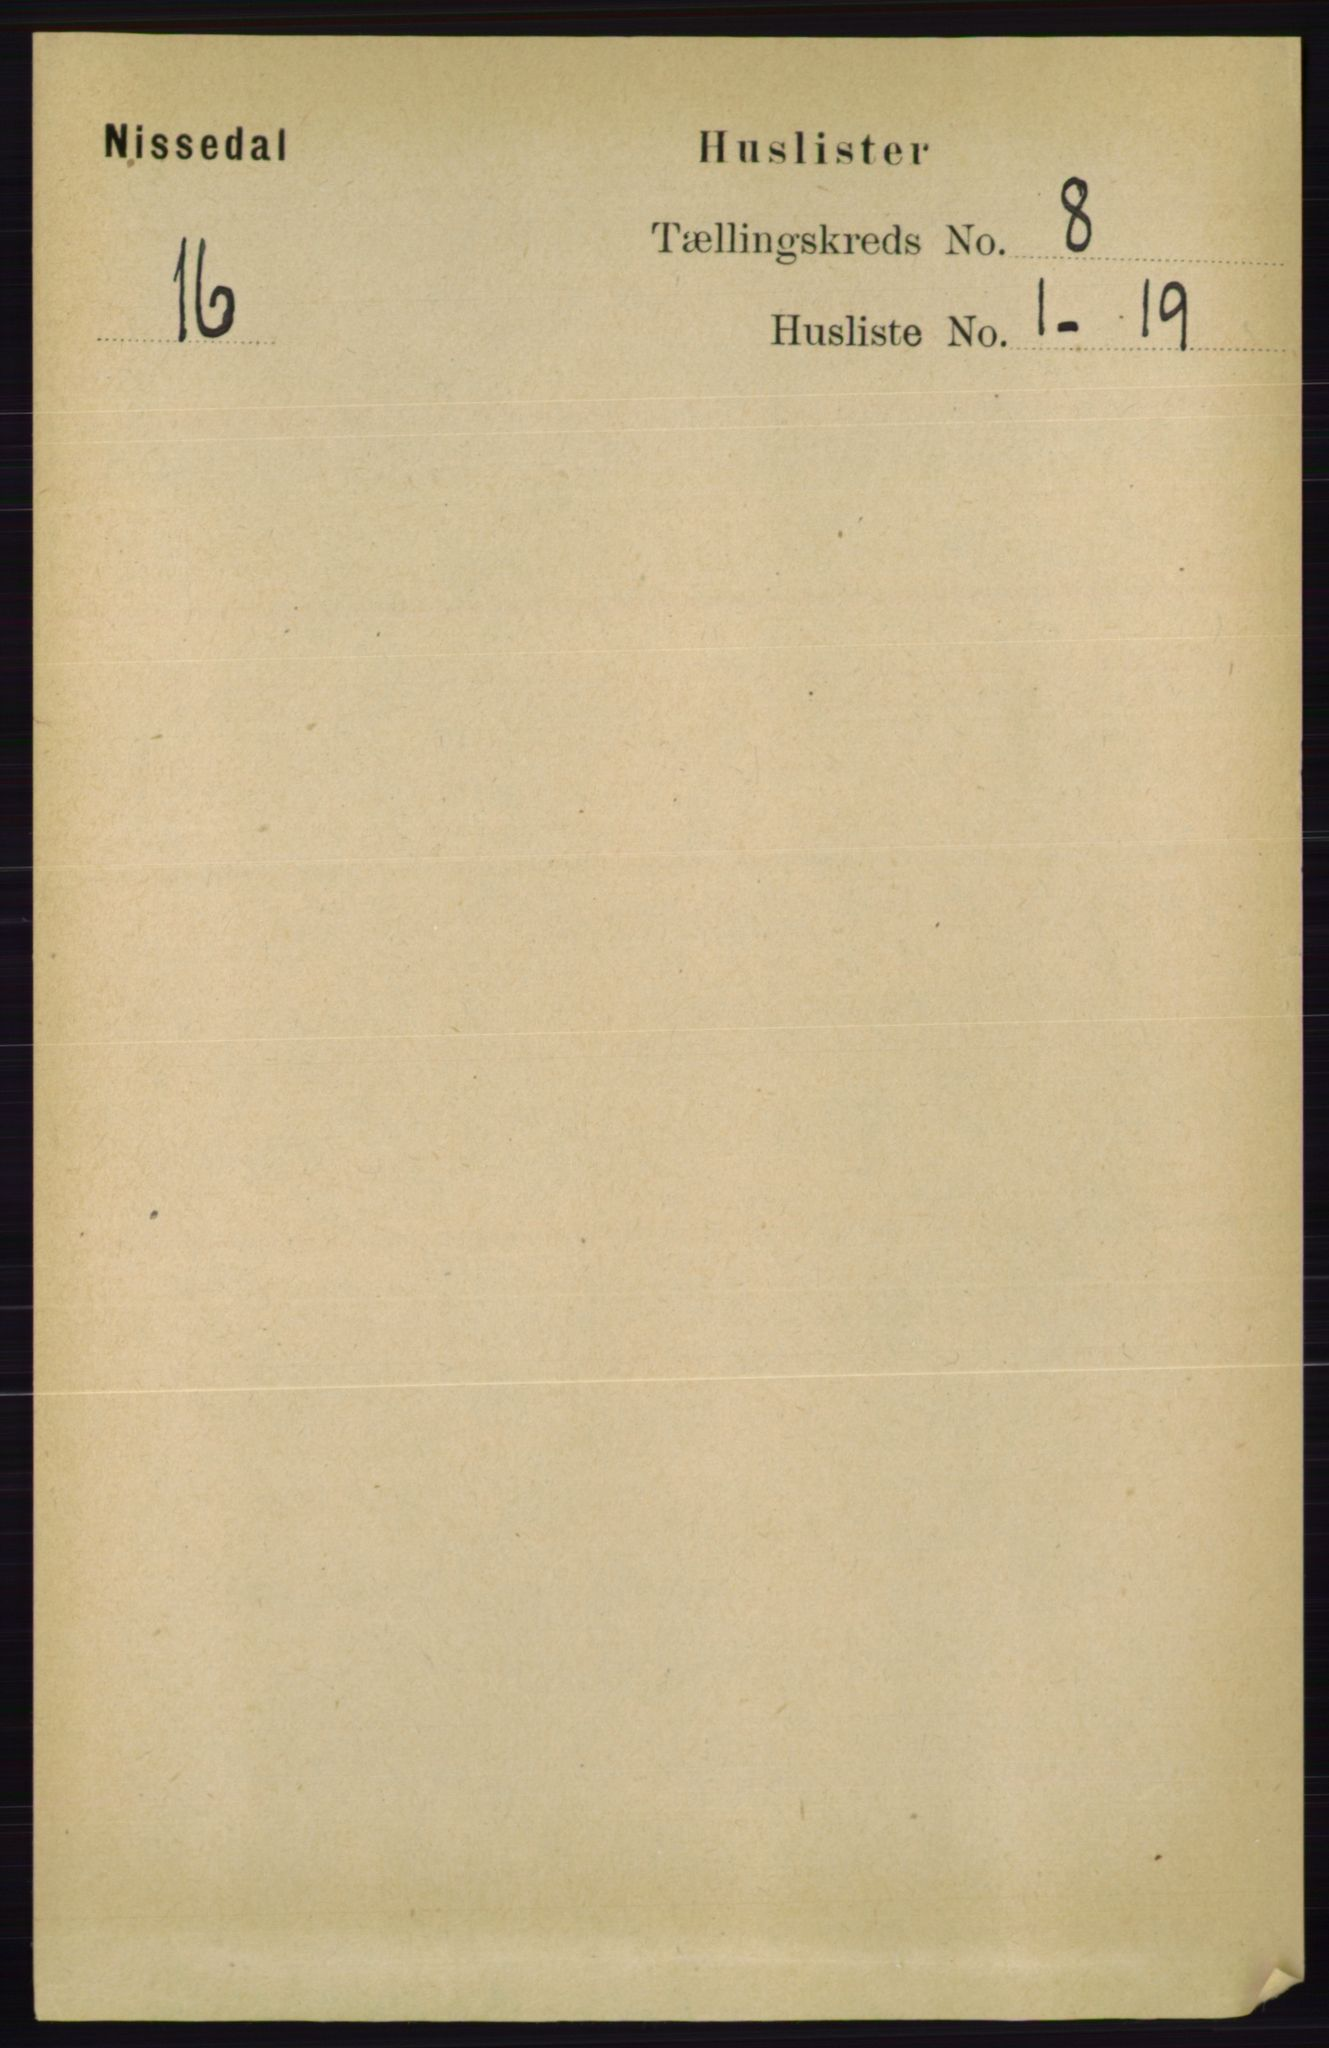 RA, Folketelling 1891 for 0830 Nissedal herred, 1891, s. 1642